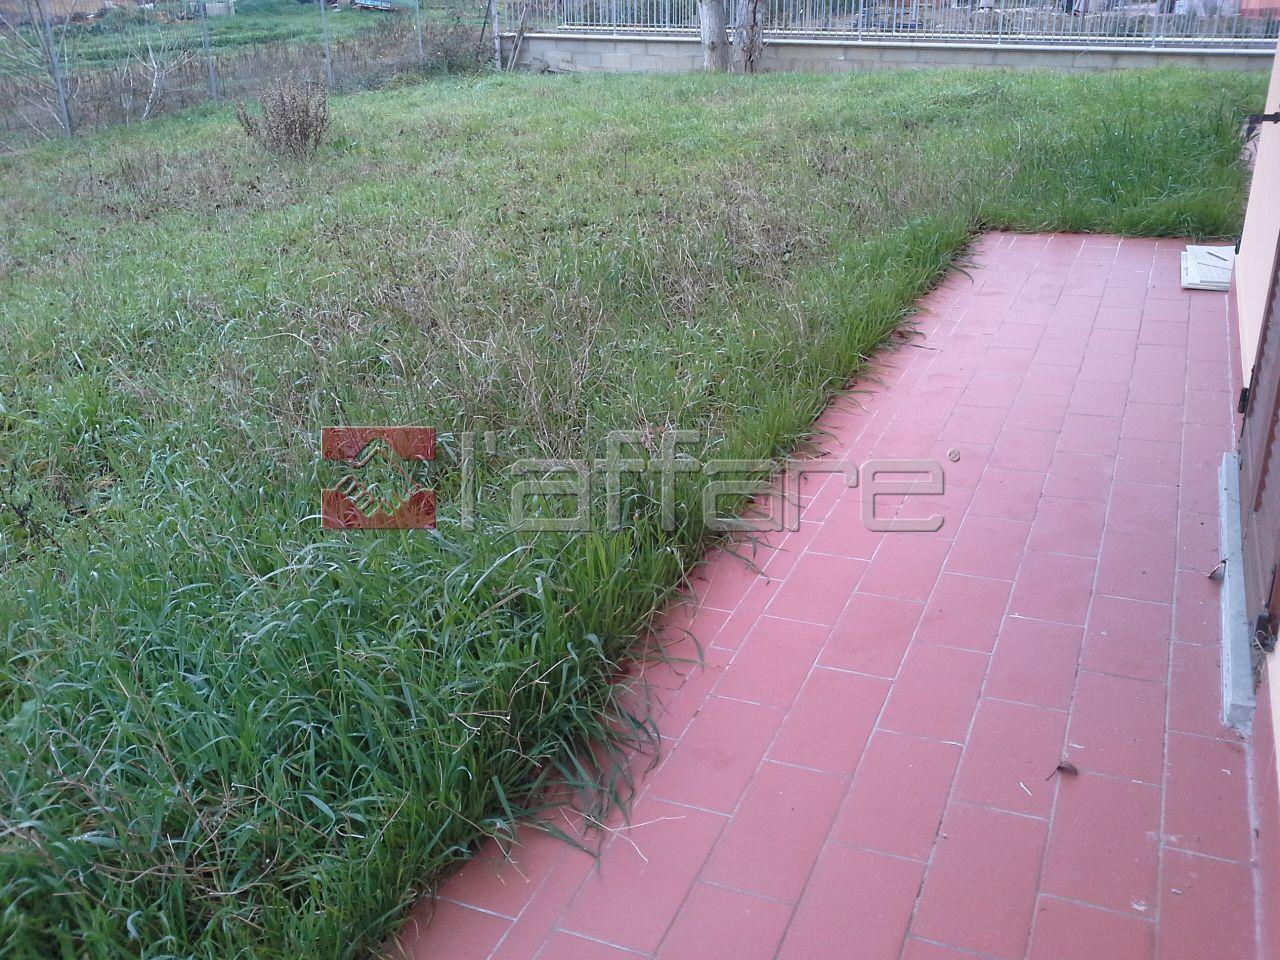 Villa in vendita a Crespina Lorenzana, 7 locali, prezzo € 470.000 | Cambio Casa.it